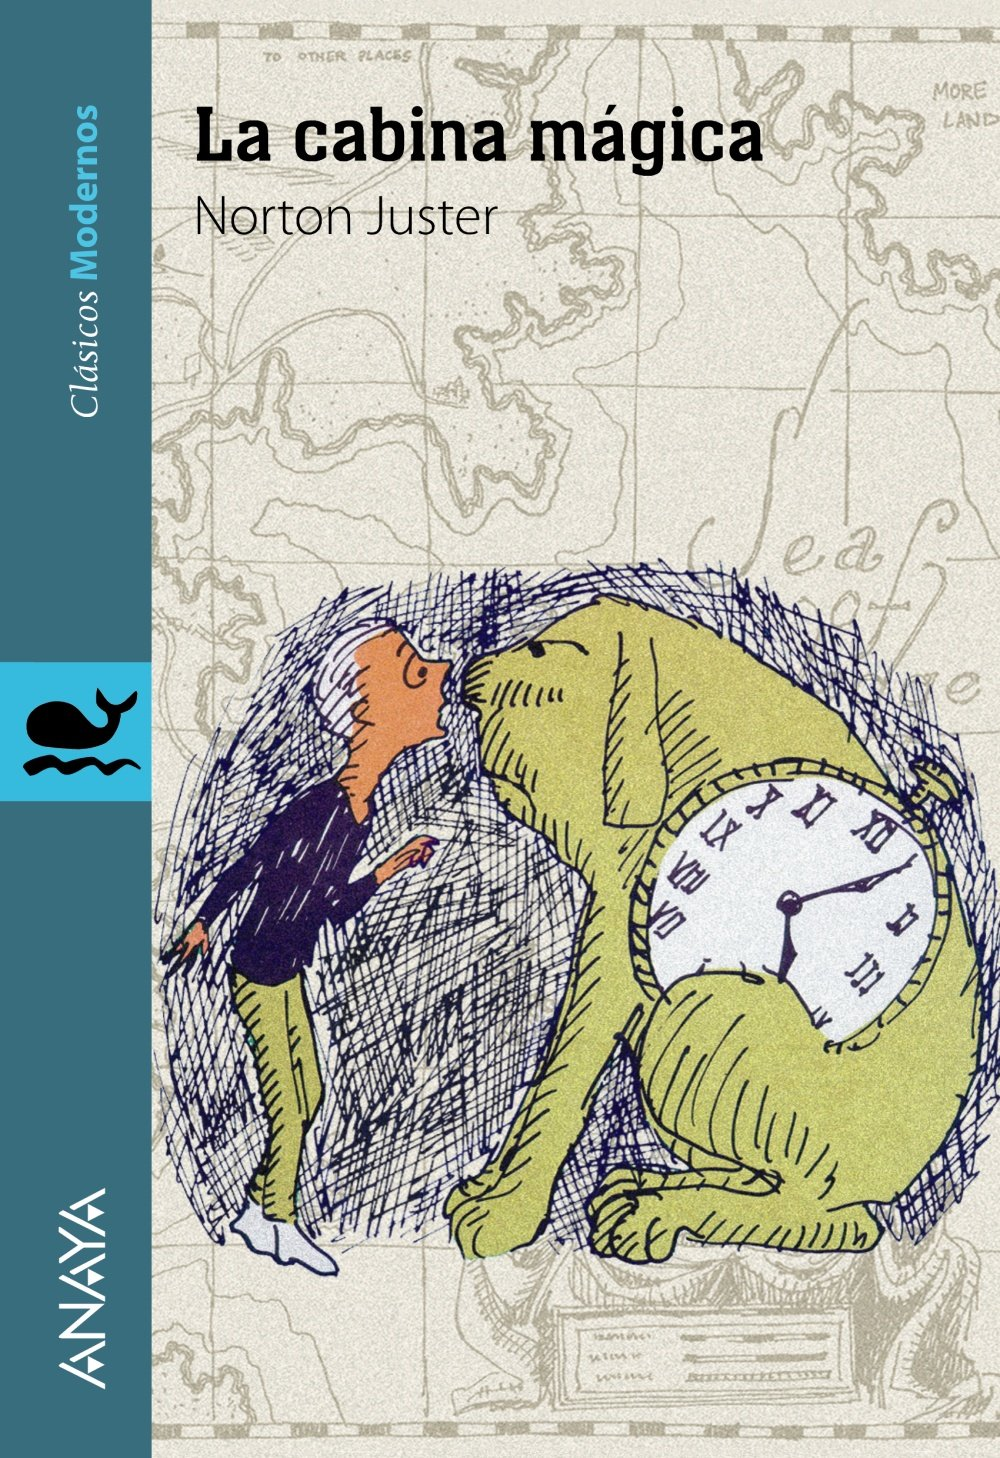 La cabina mágica Literatura Juvenil A Partir De 12 Años - Clásicos Modernos: Amazon.es: Norton Juster, Jules Feiffer, Alberto Jiménez Rioja: Libros